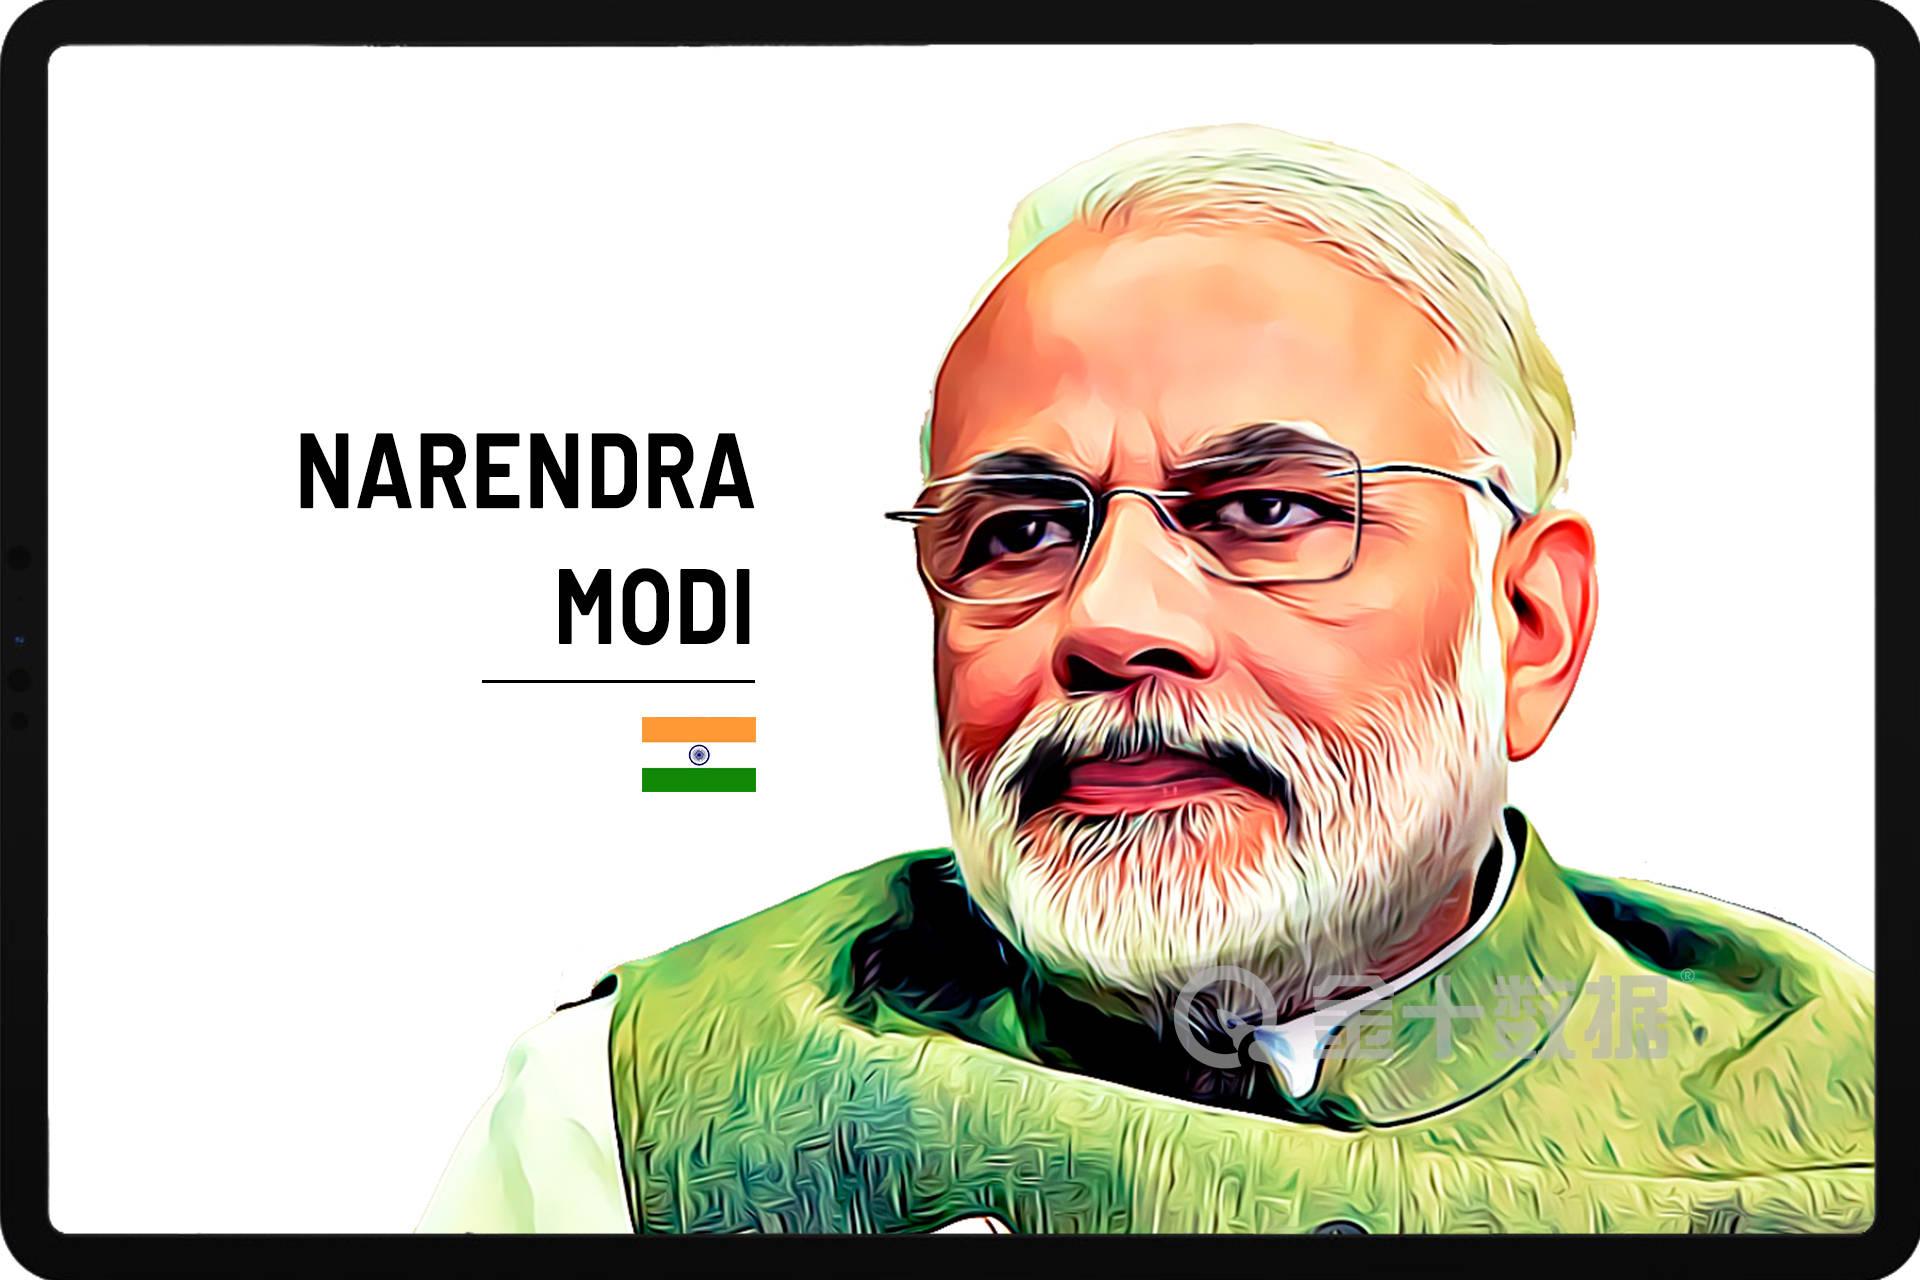 二季度GDP暴跌近24%!印度经济表现全球倒数第二,垫底是谁?